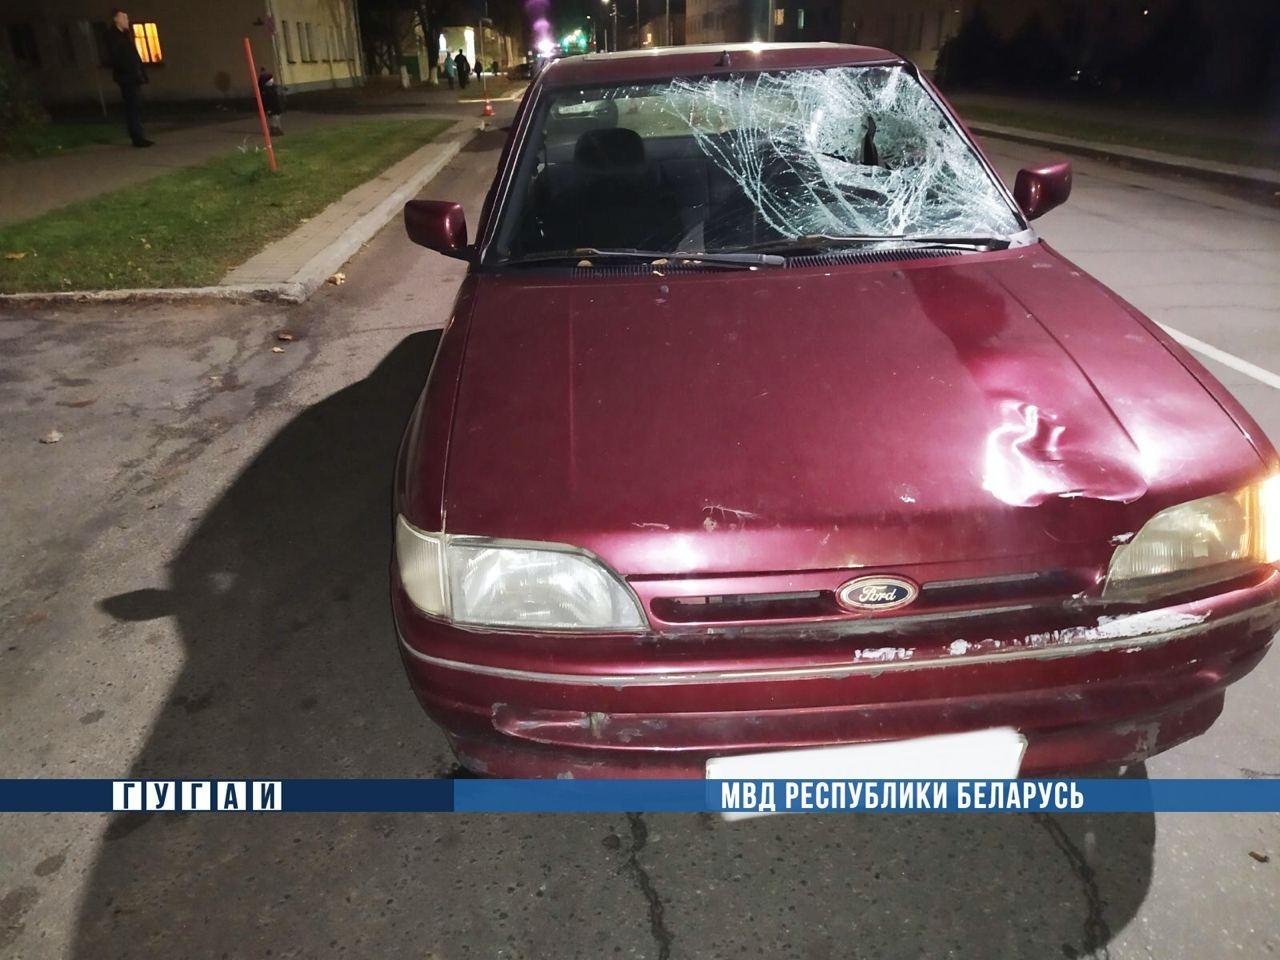 Форд сбил пешехода